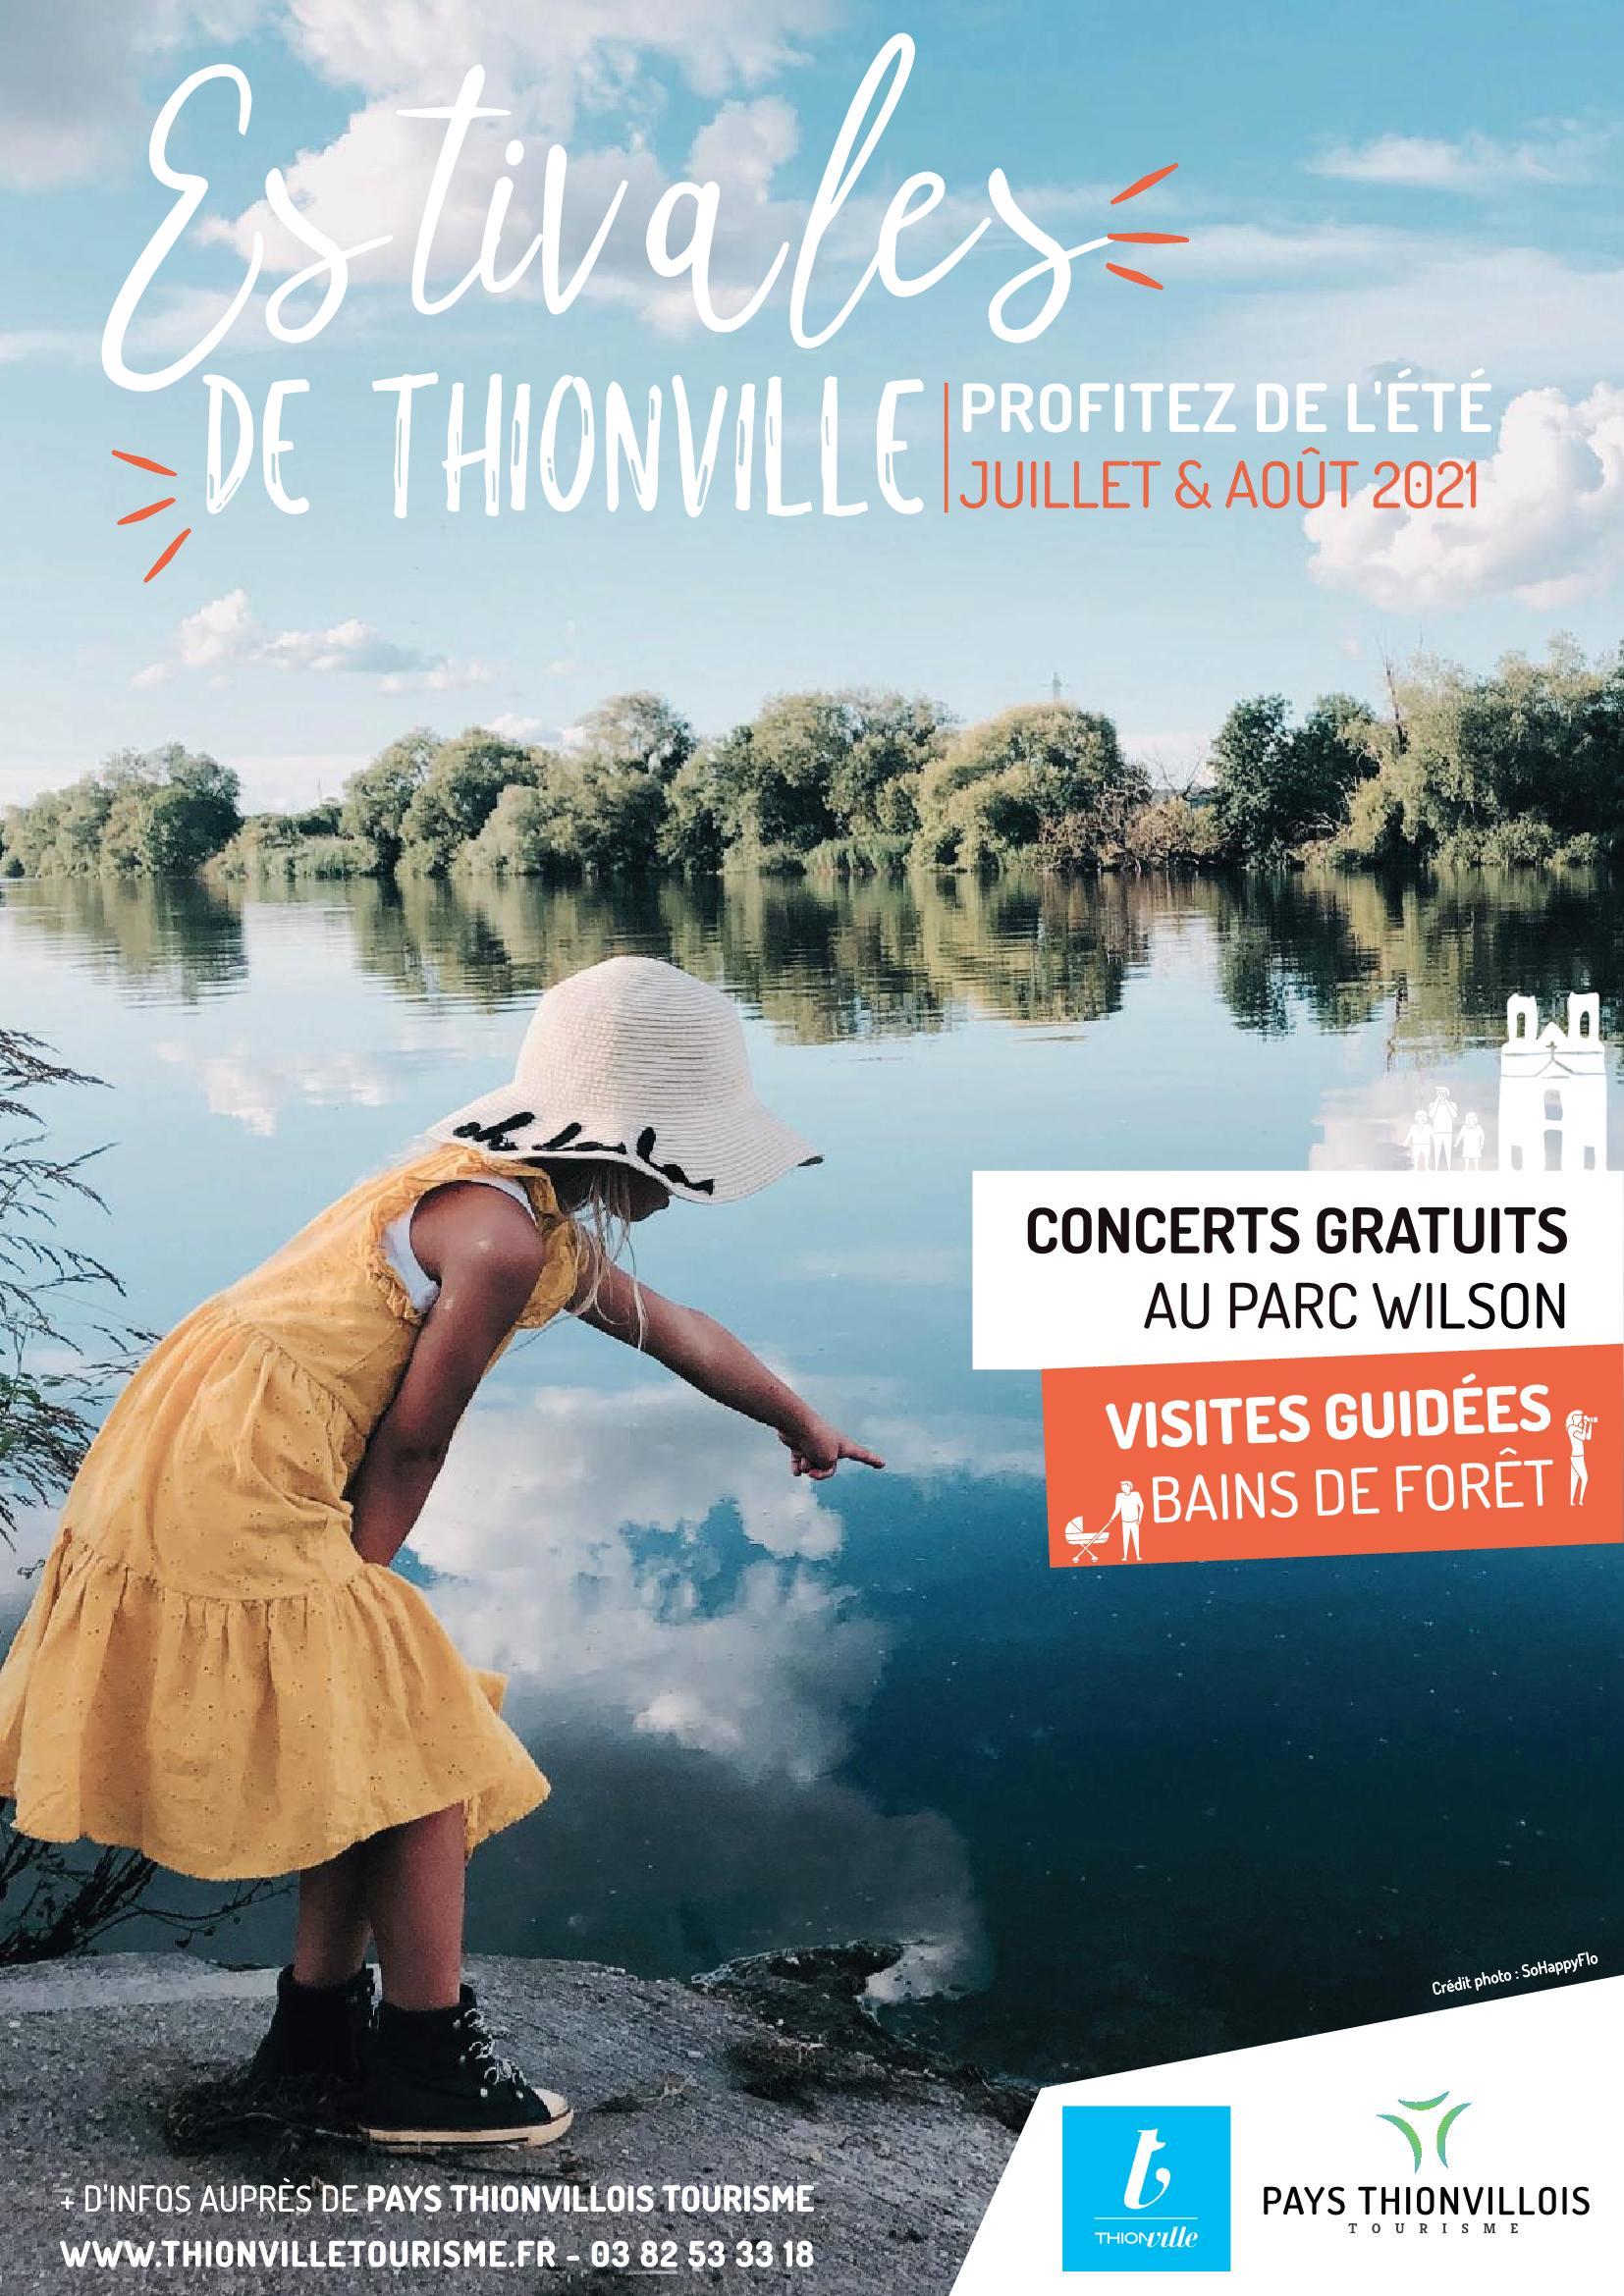 Les estivales de Thionville 2021 Concerts gratuits et visites guidées